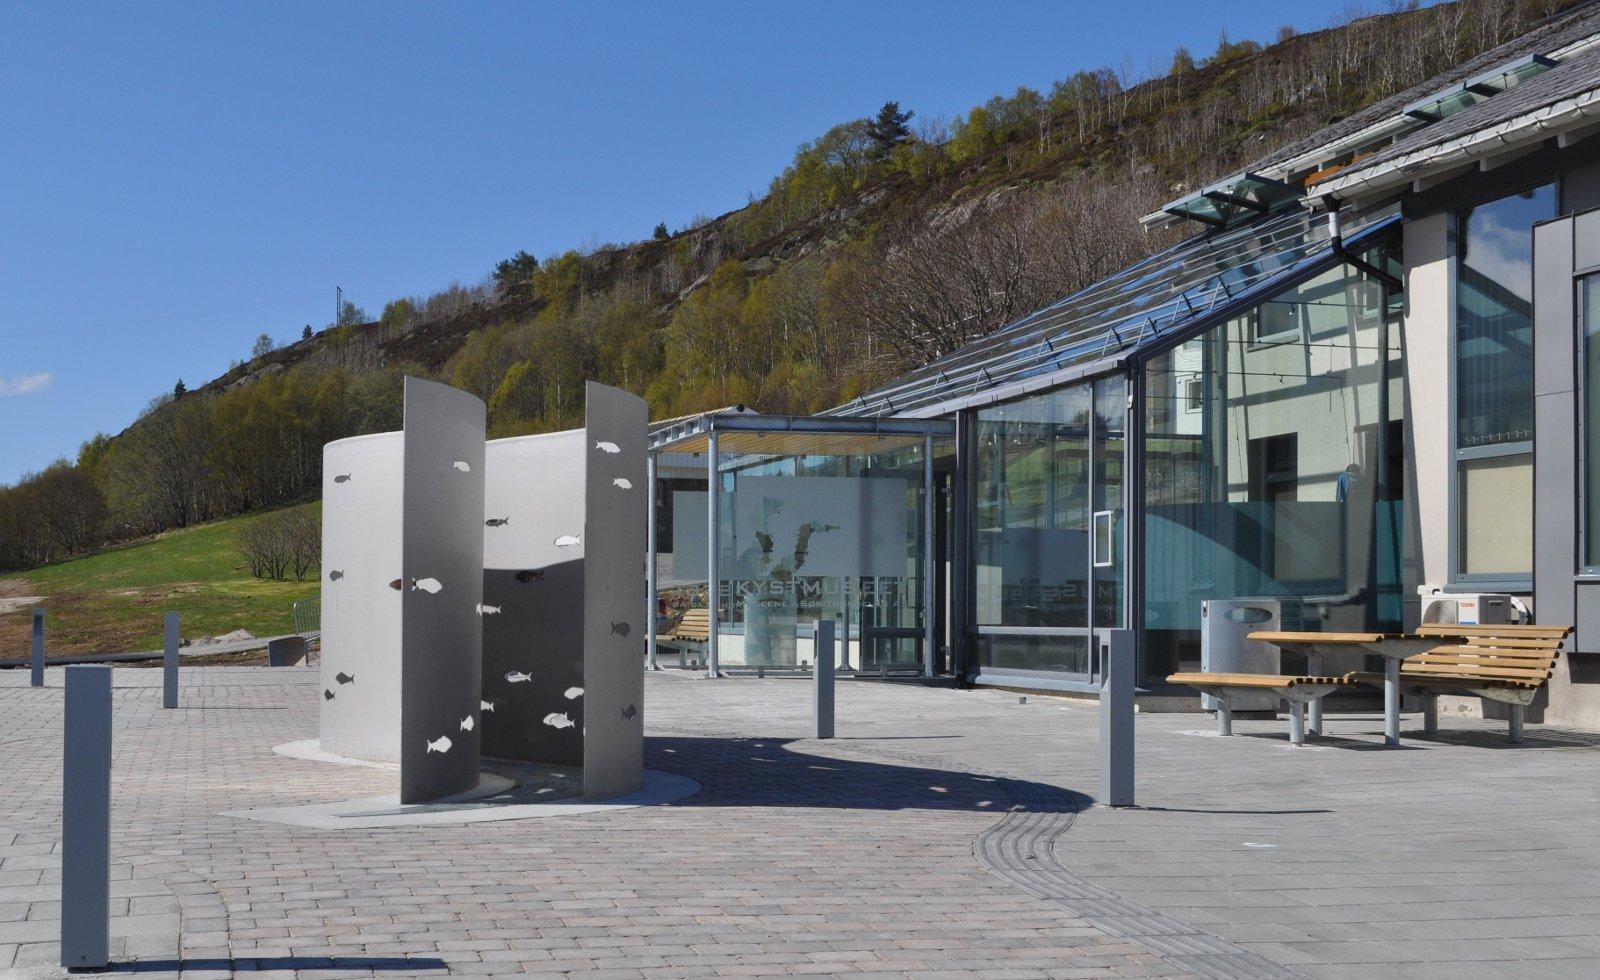 Kystmuseet inngangsparti. Copyright: Kystmuseet i Sør-Trøndelag